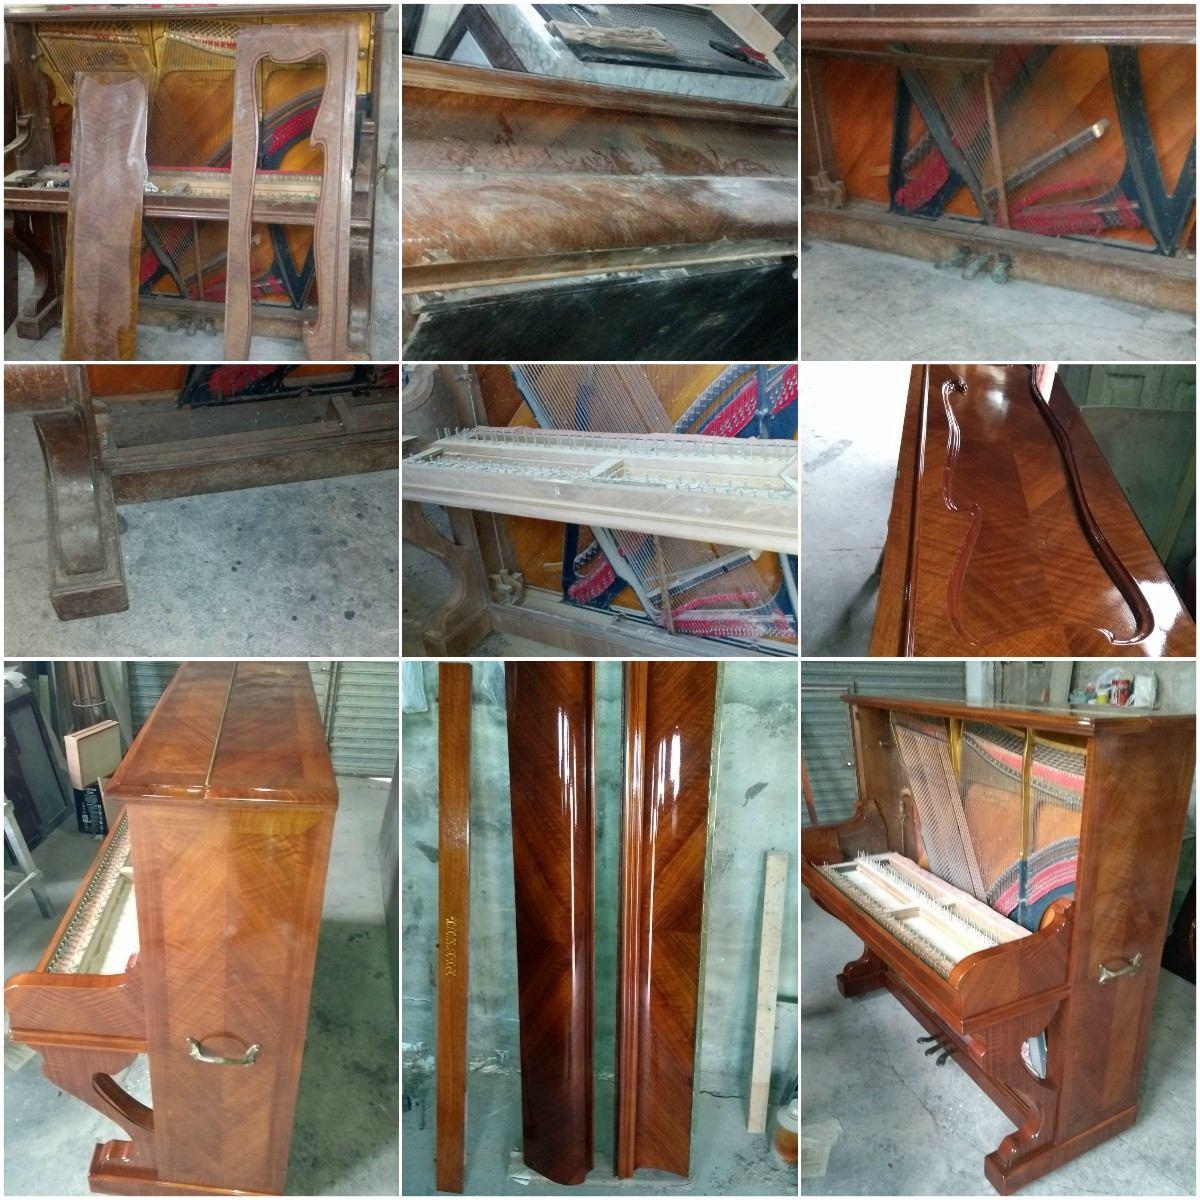 La Fabrica Muebles Ituzaingo En Mercado Libre Argentina # Muebles De Campo Gaona